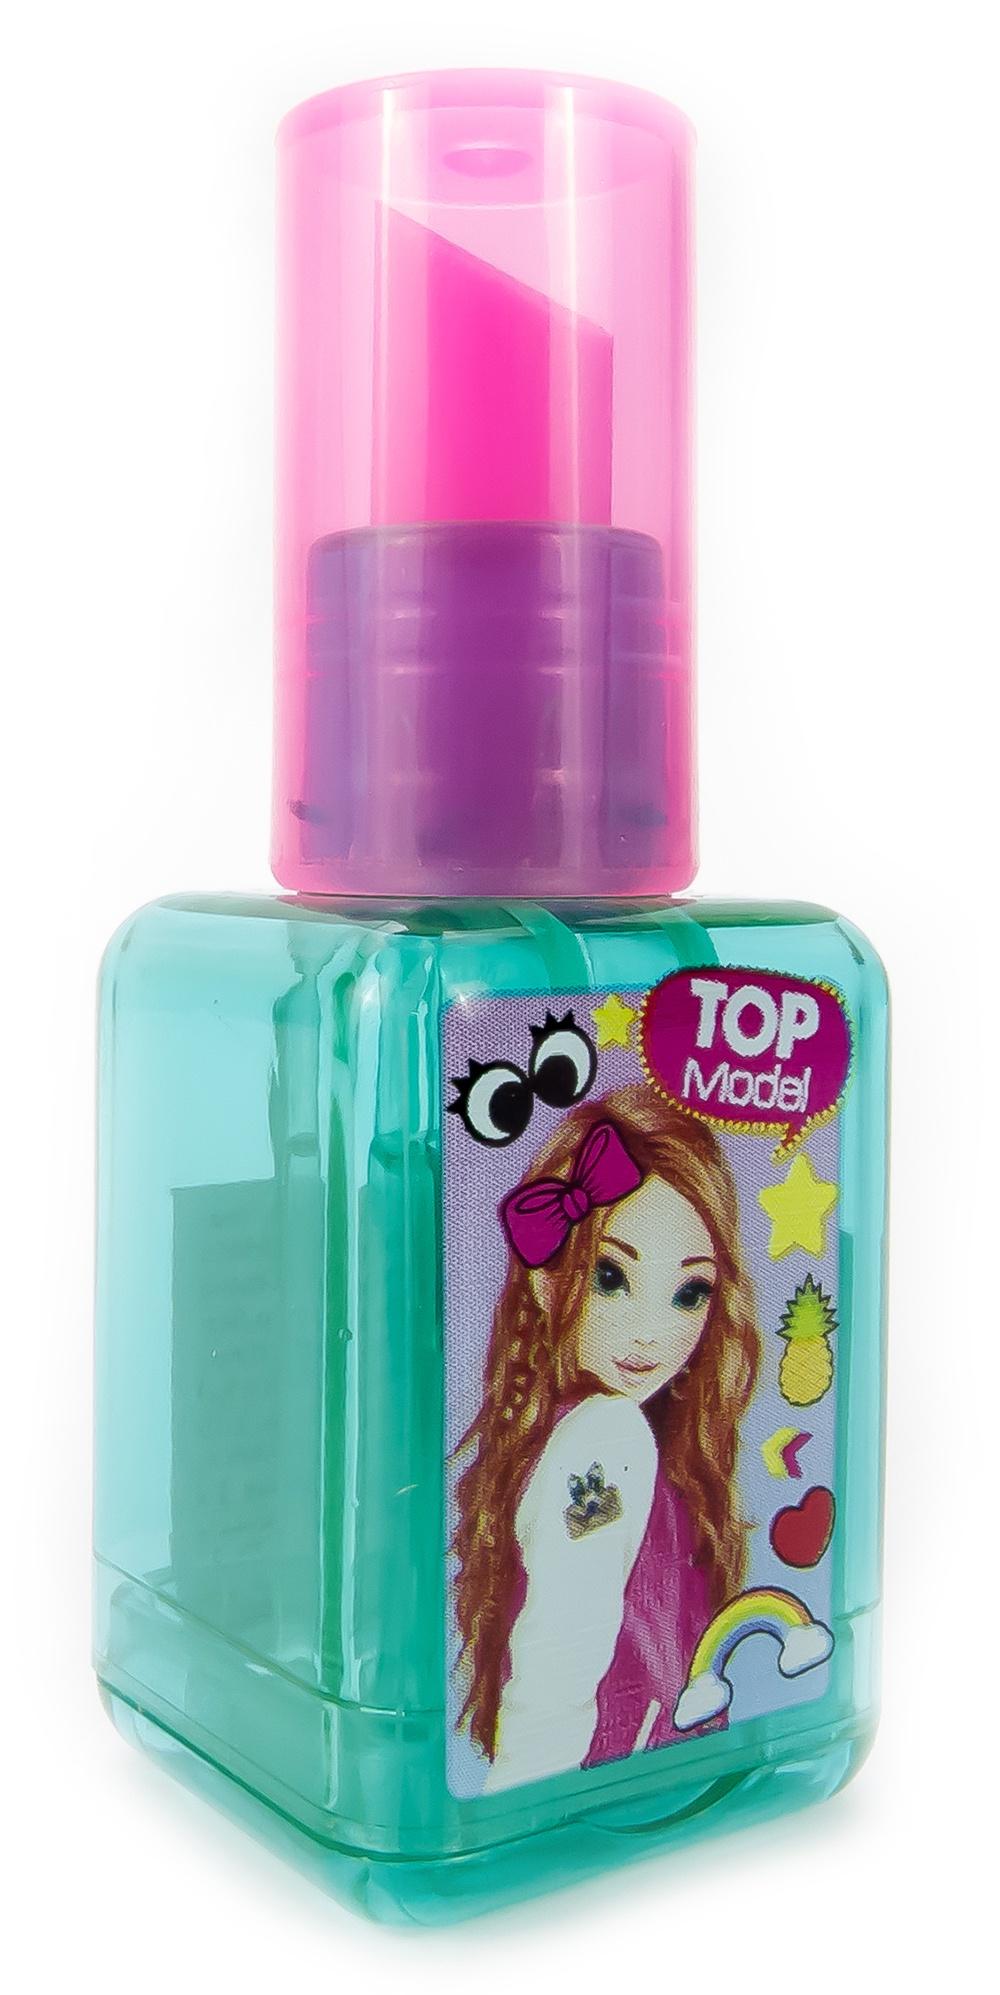 Точилка Depesche TOPModel, 10009871, розовый набор письменных принадлежностей depesche topmodel макияж liv 045675 005675